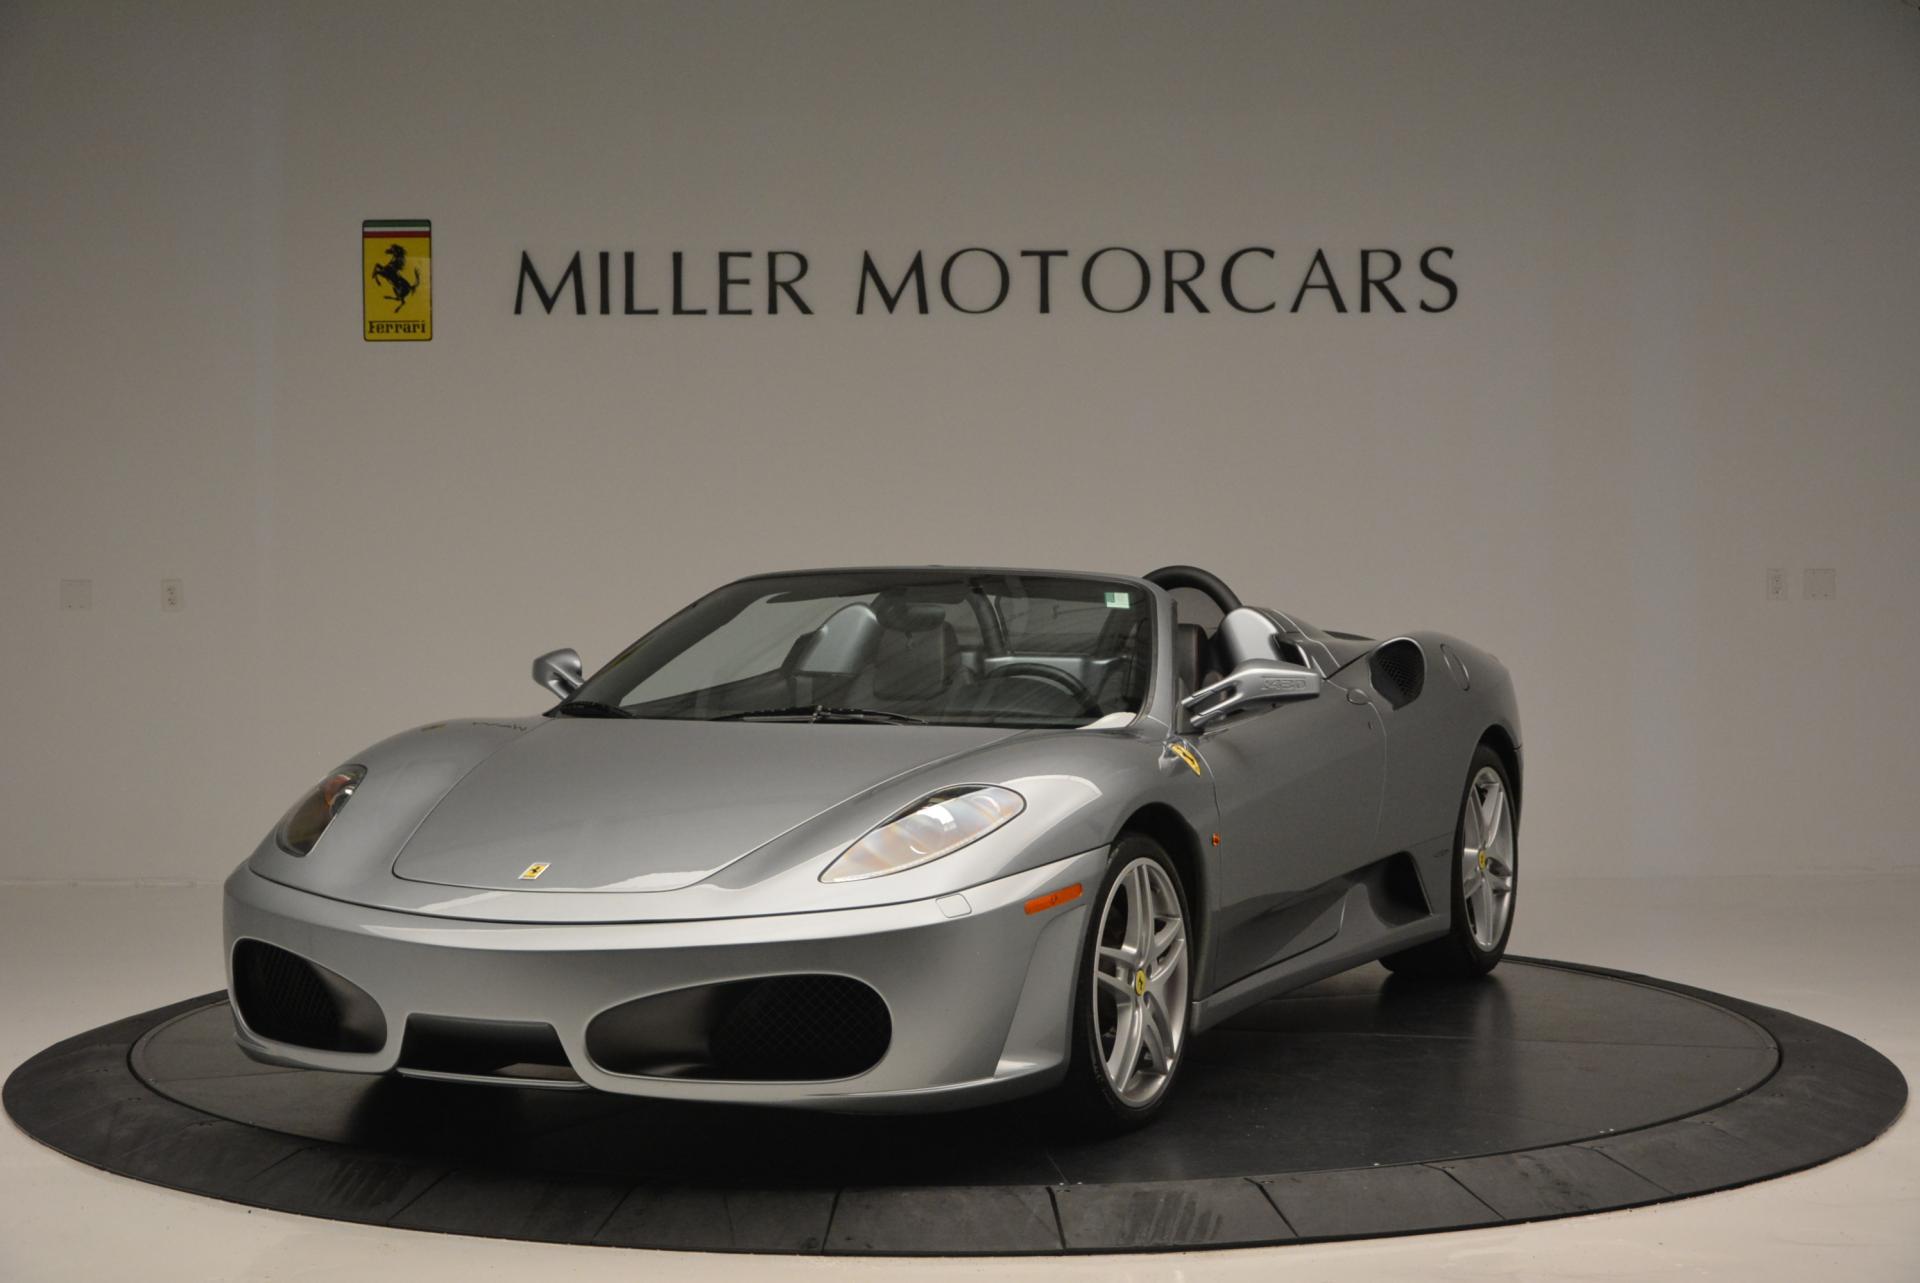 Used 2005 Ferrari F430 Spider For Sale In Greenwich, CT. Alfa Romeo of Greenwich, 4319 150_main